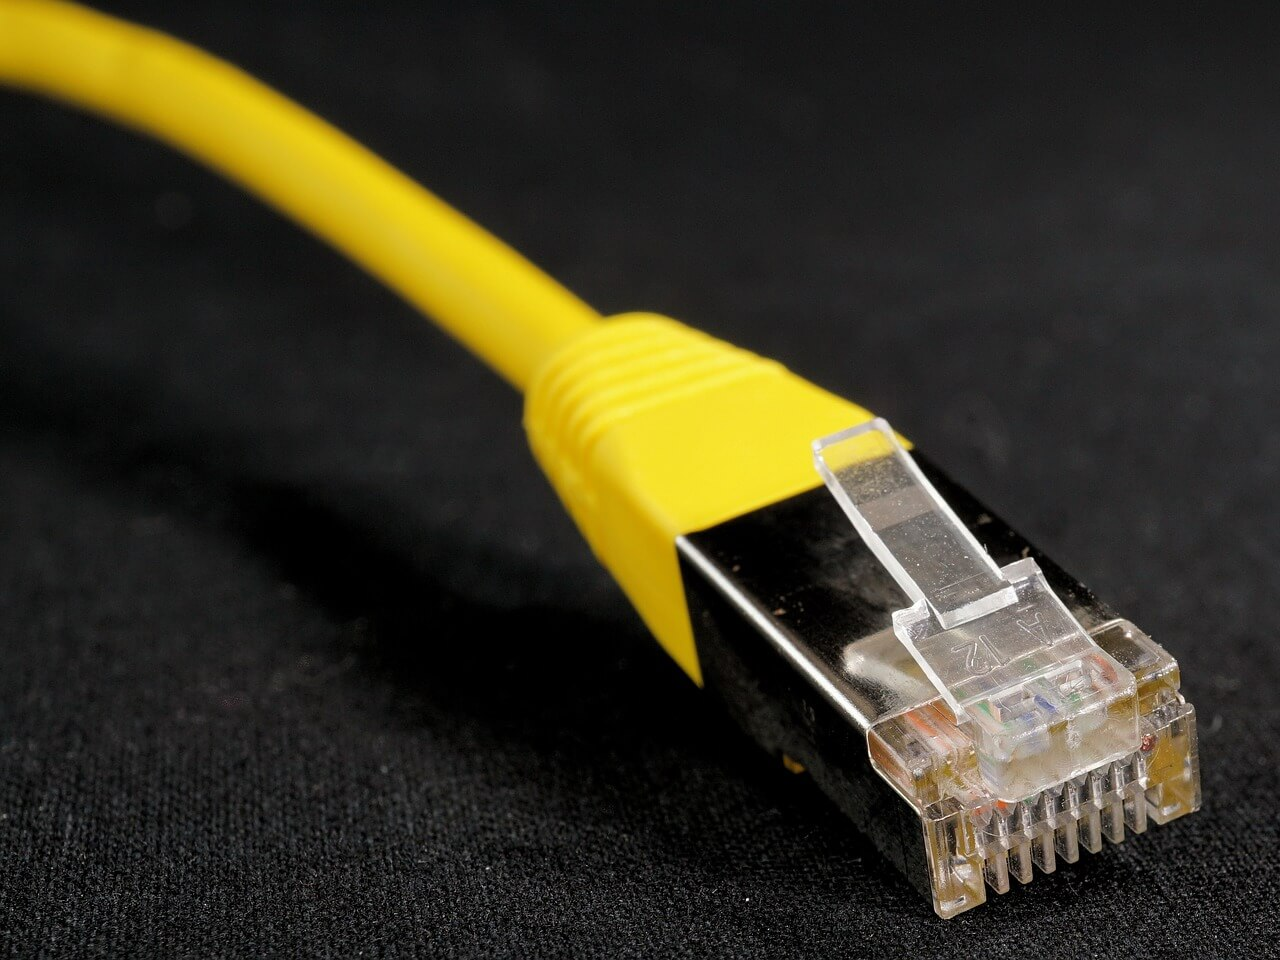 LAN工事の費用目安は?ネットワーク機器の価格を含め解説